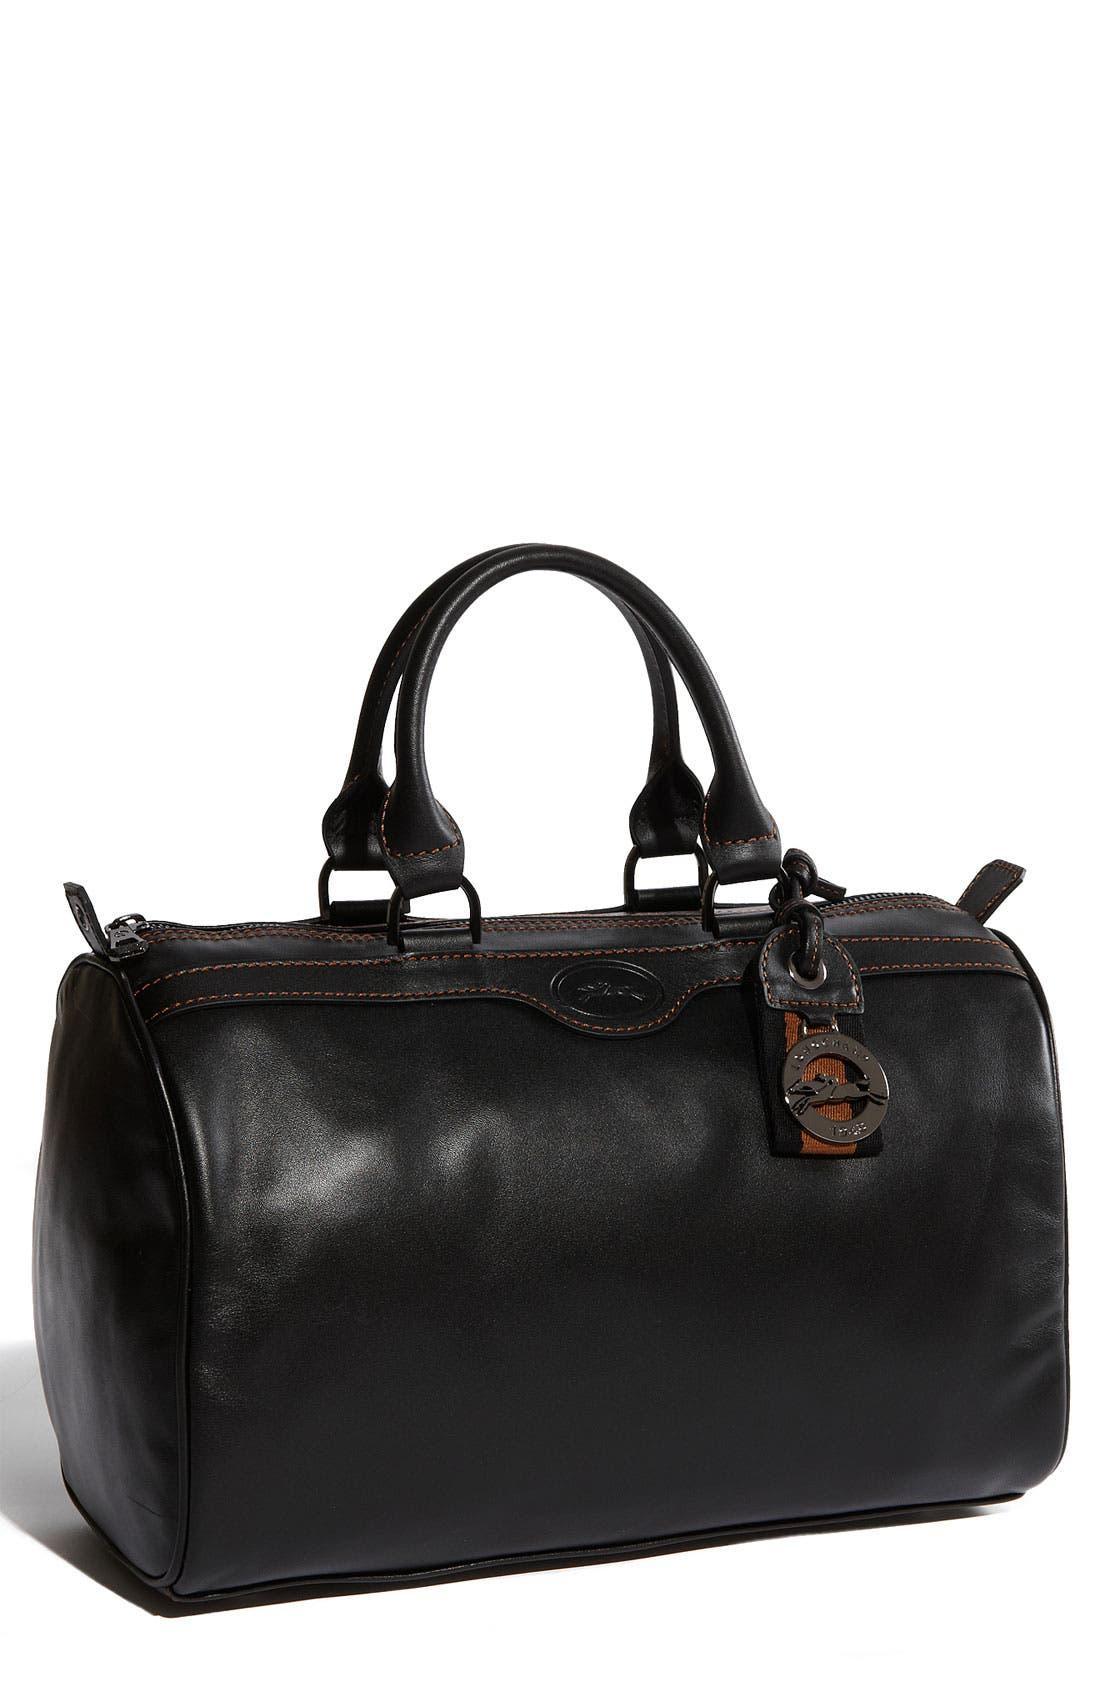 LONGCHAMP 'Au Sultan' Leather Satchel, Main, color, 001